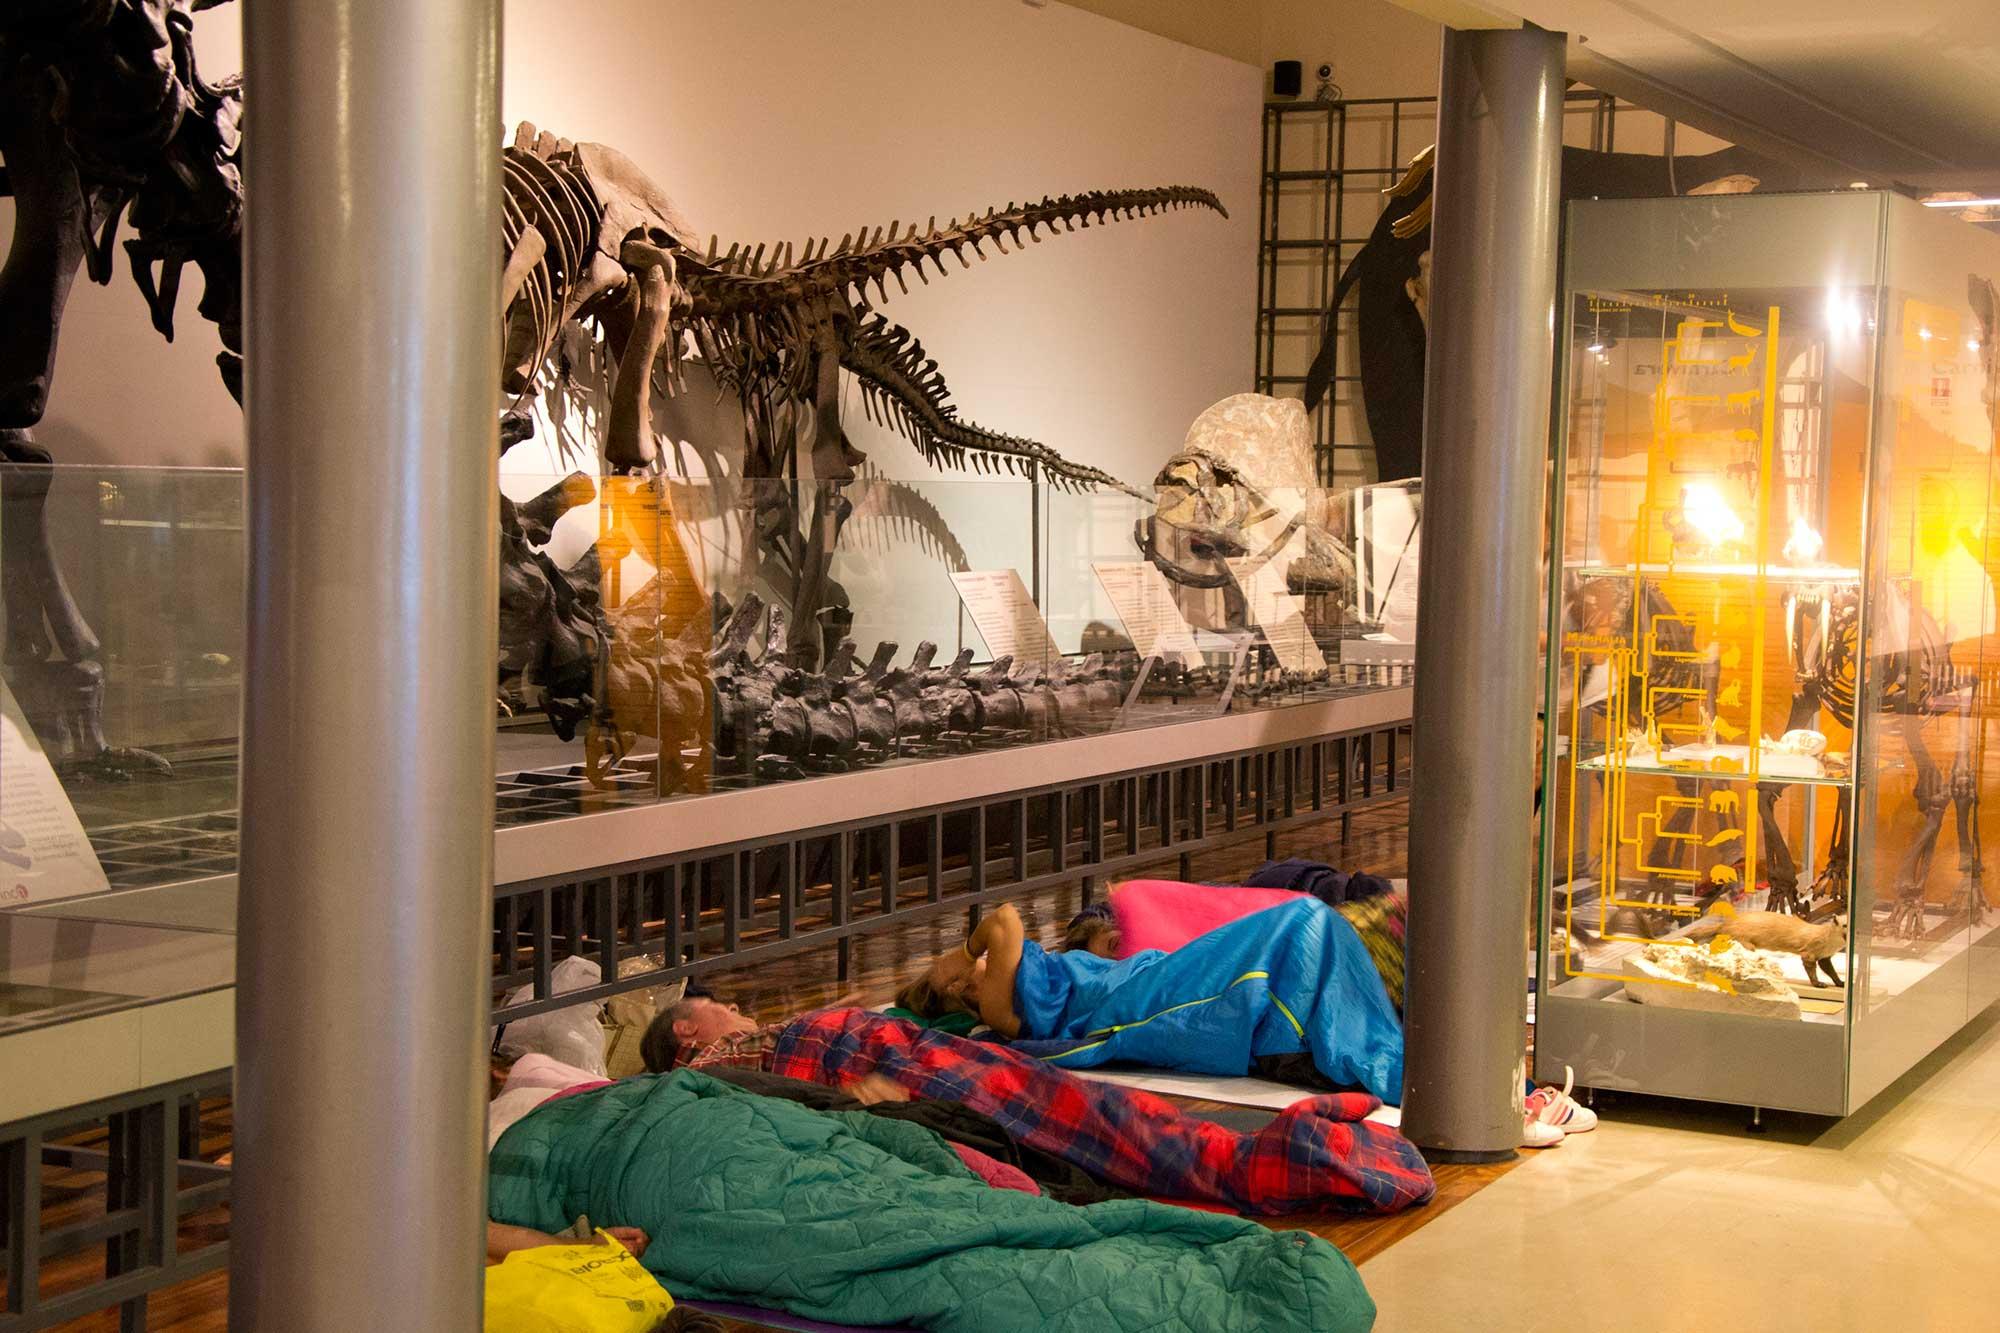 Llega la hora de intentar dormir, aunque sea rodeados de dinosaurios. Foto: Museo Ciencias Naturales